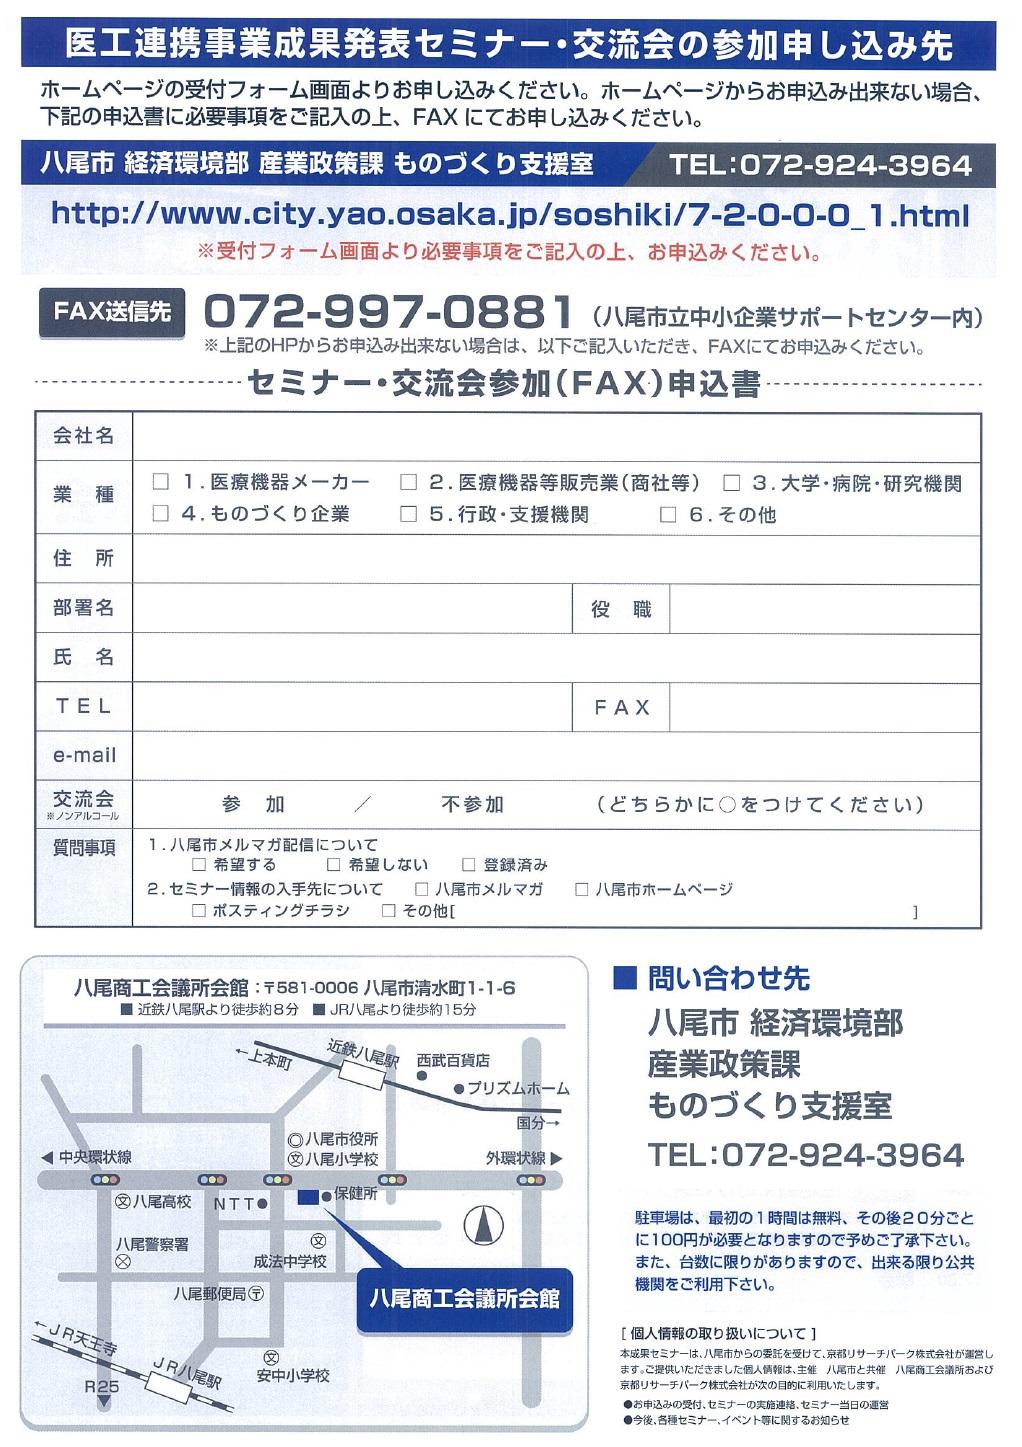 八尾 市 の ホームページ